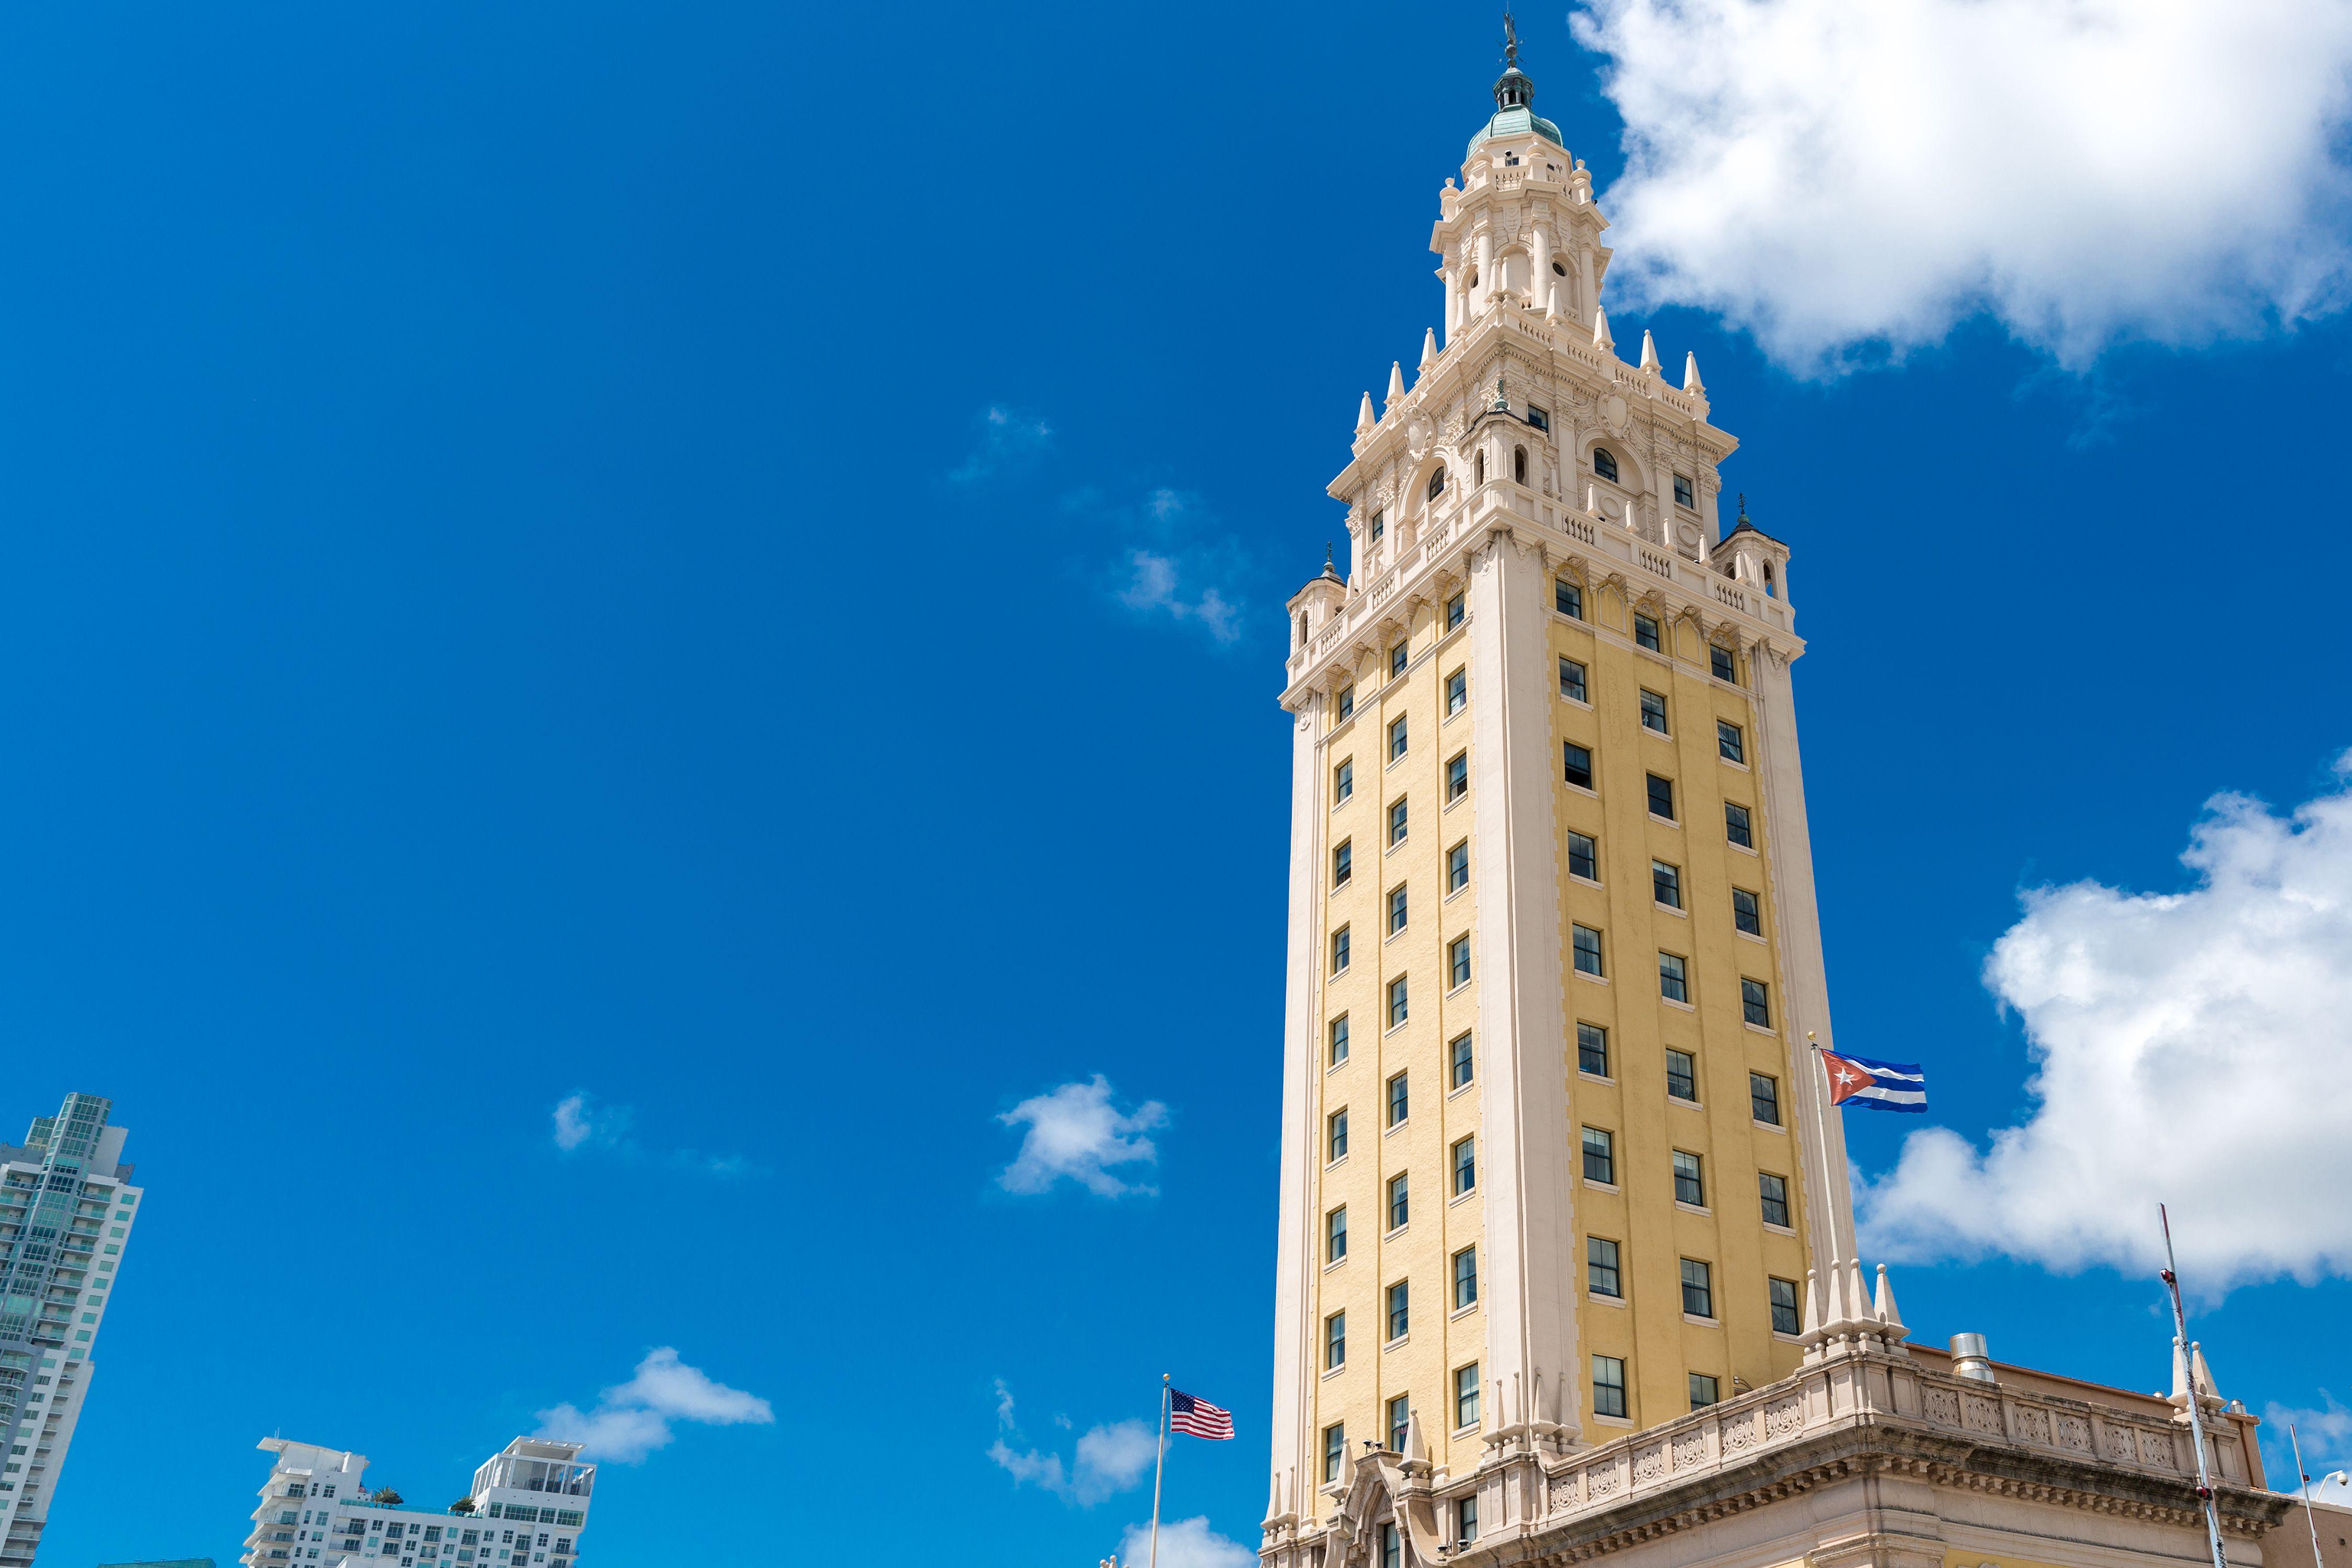 Miamitours110jpg 45003000 miami sightseeing miami